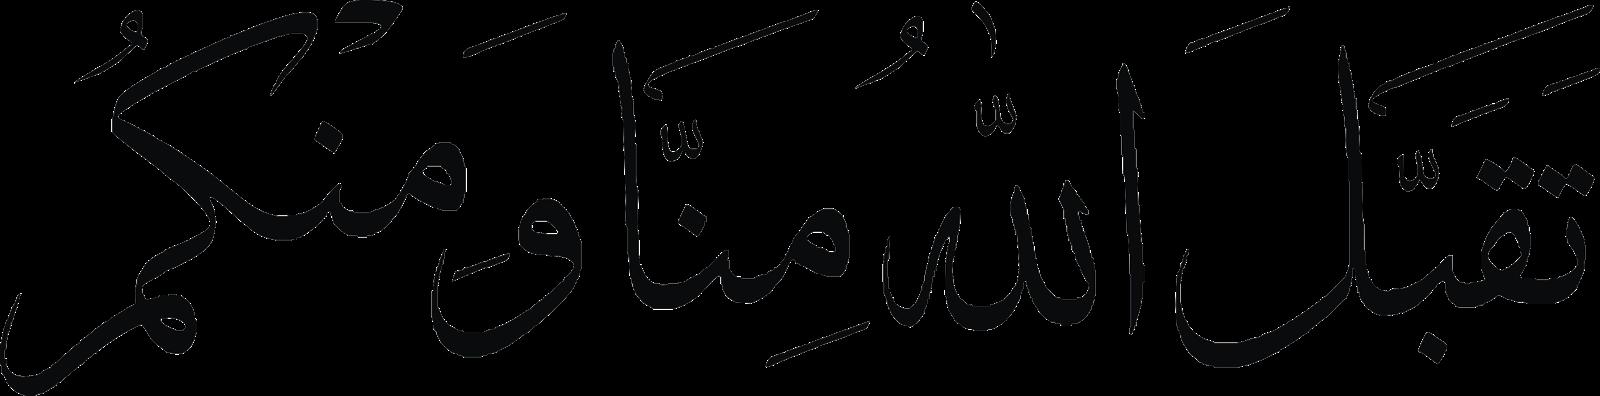 Taqabbalallahu Minna Wa Minkum : Tulisan Arab, Artinya